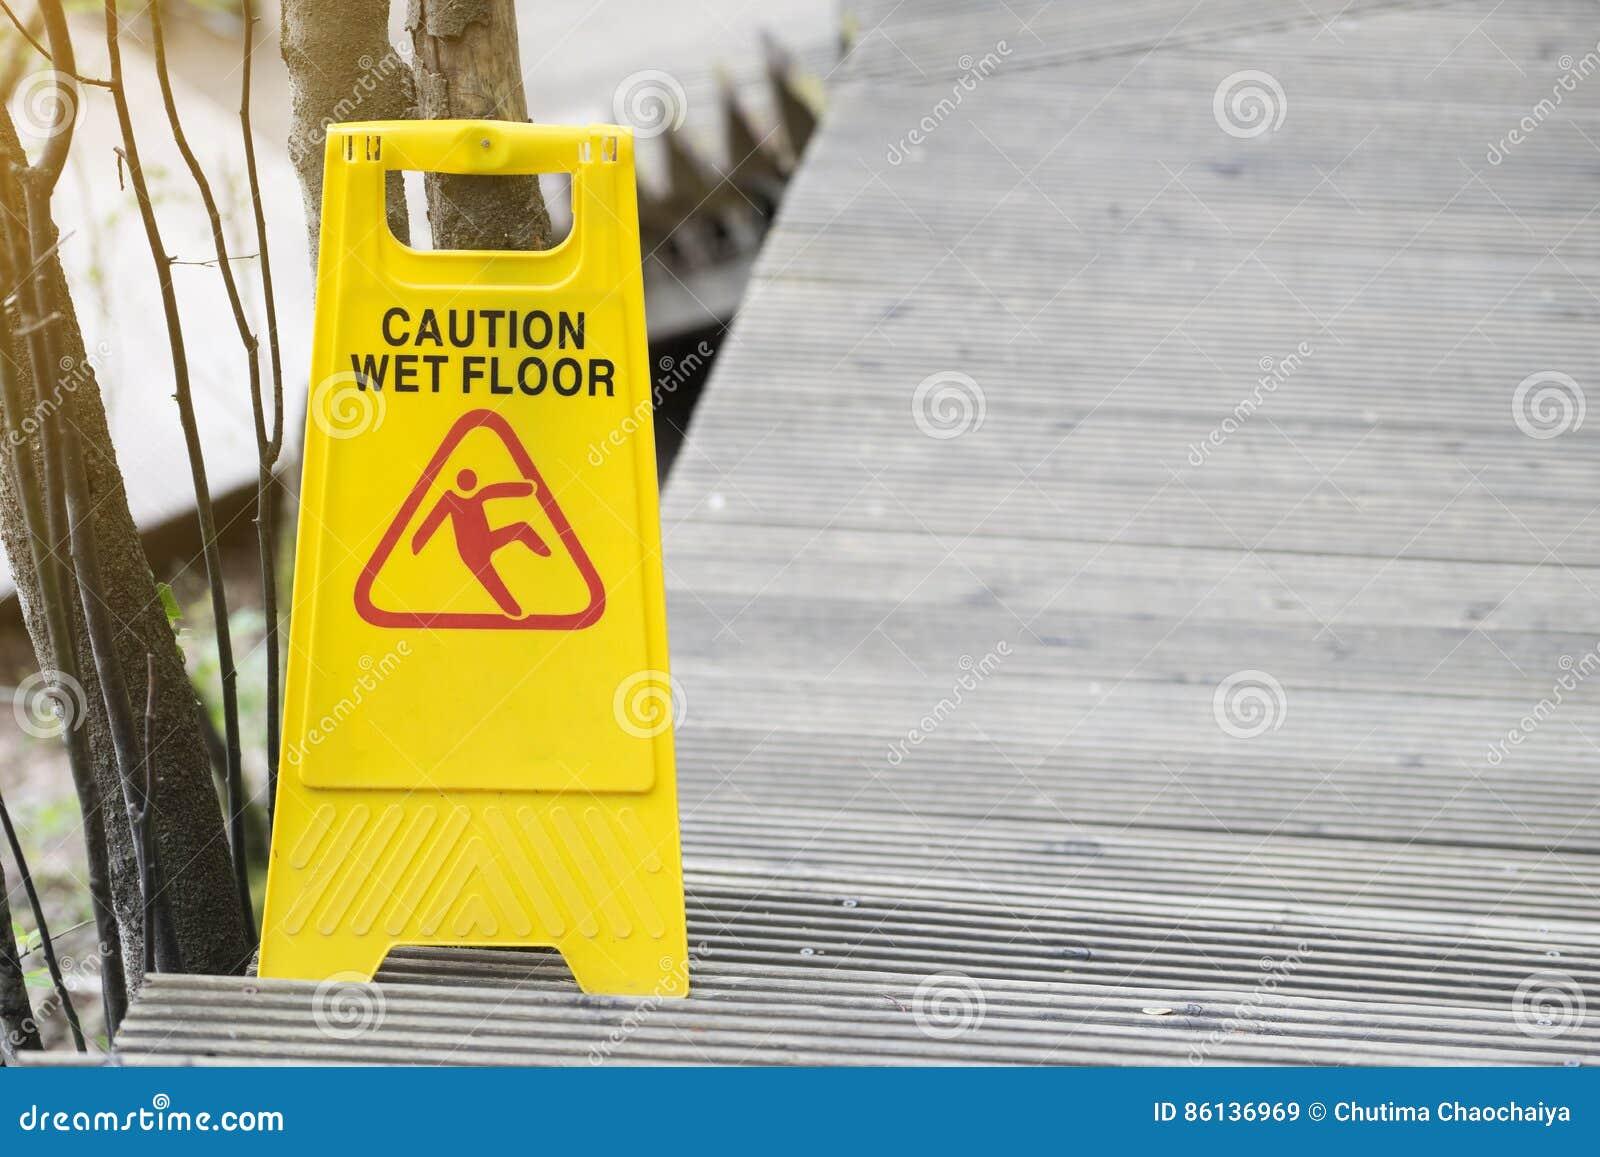 Segnale di pericolo per il pavimento bagnato immagine stock